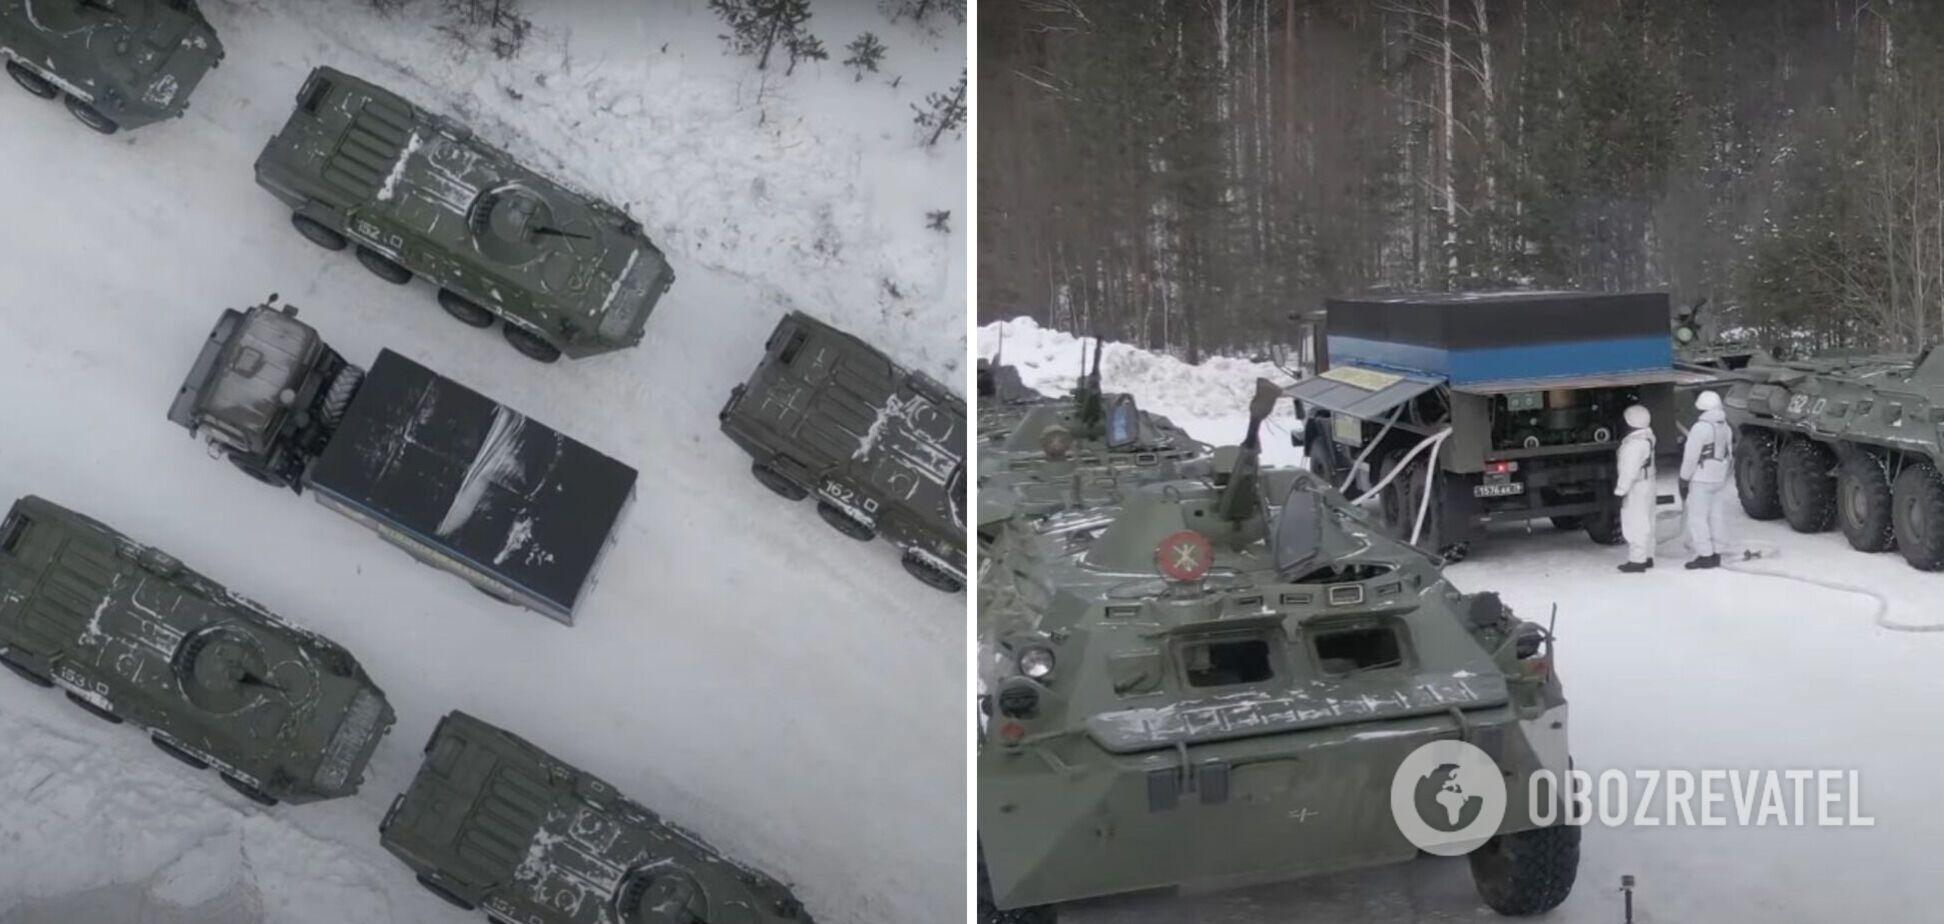 В России показали, как их армия готовится совершать 'военные преступления'. Фото и видео